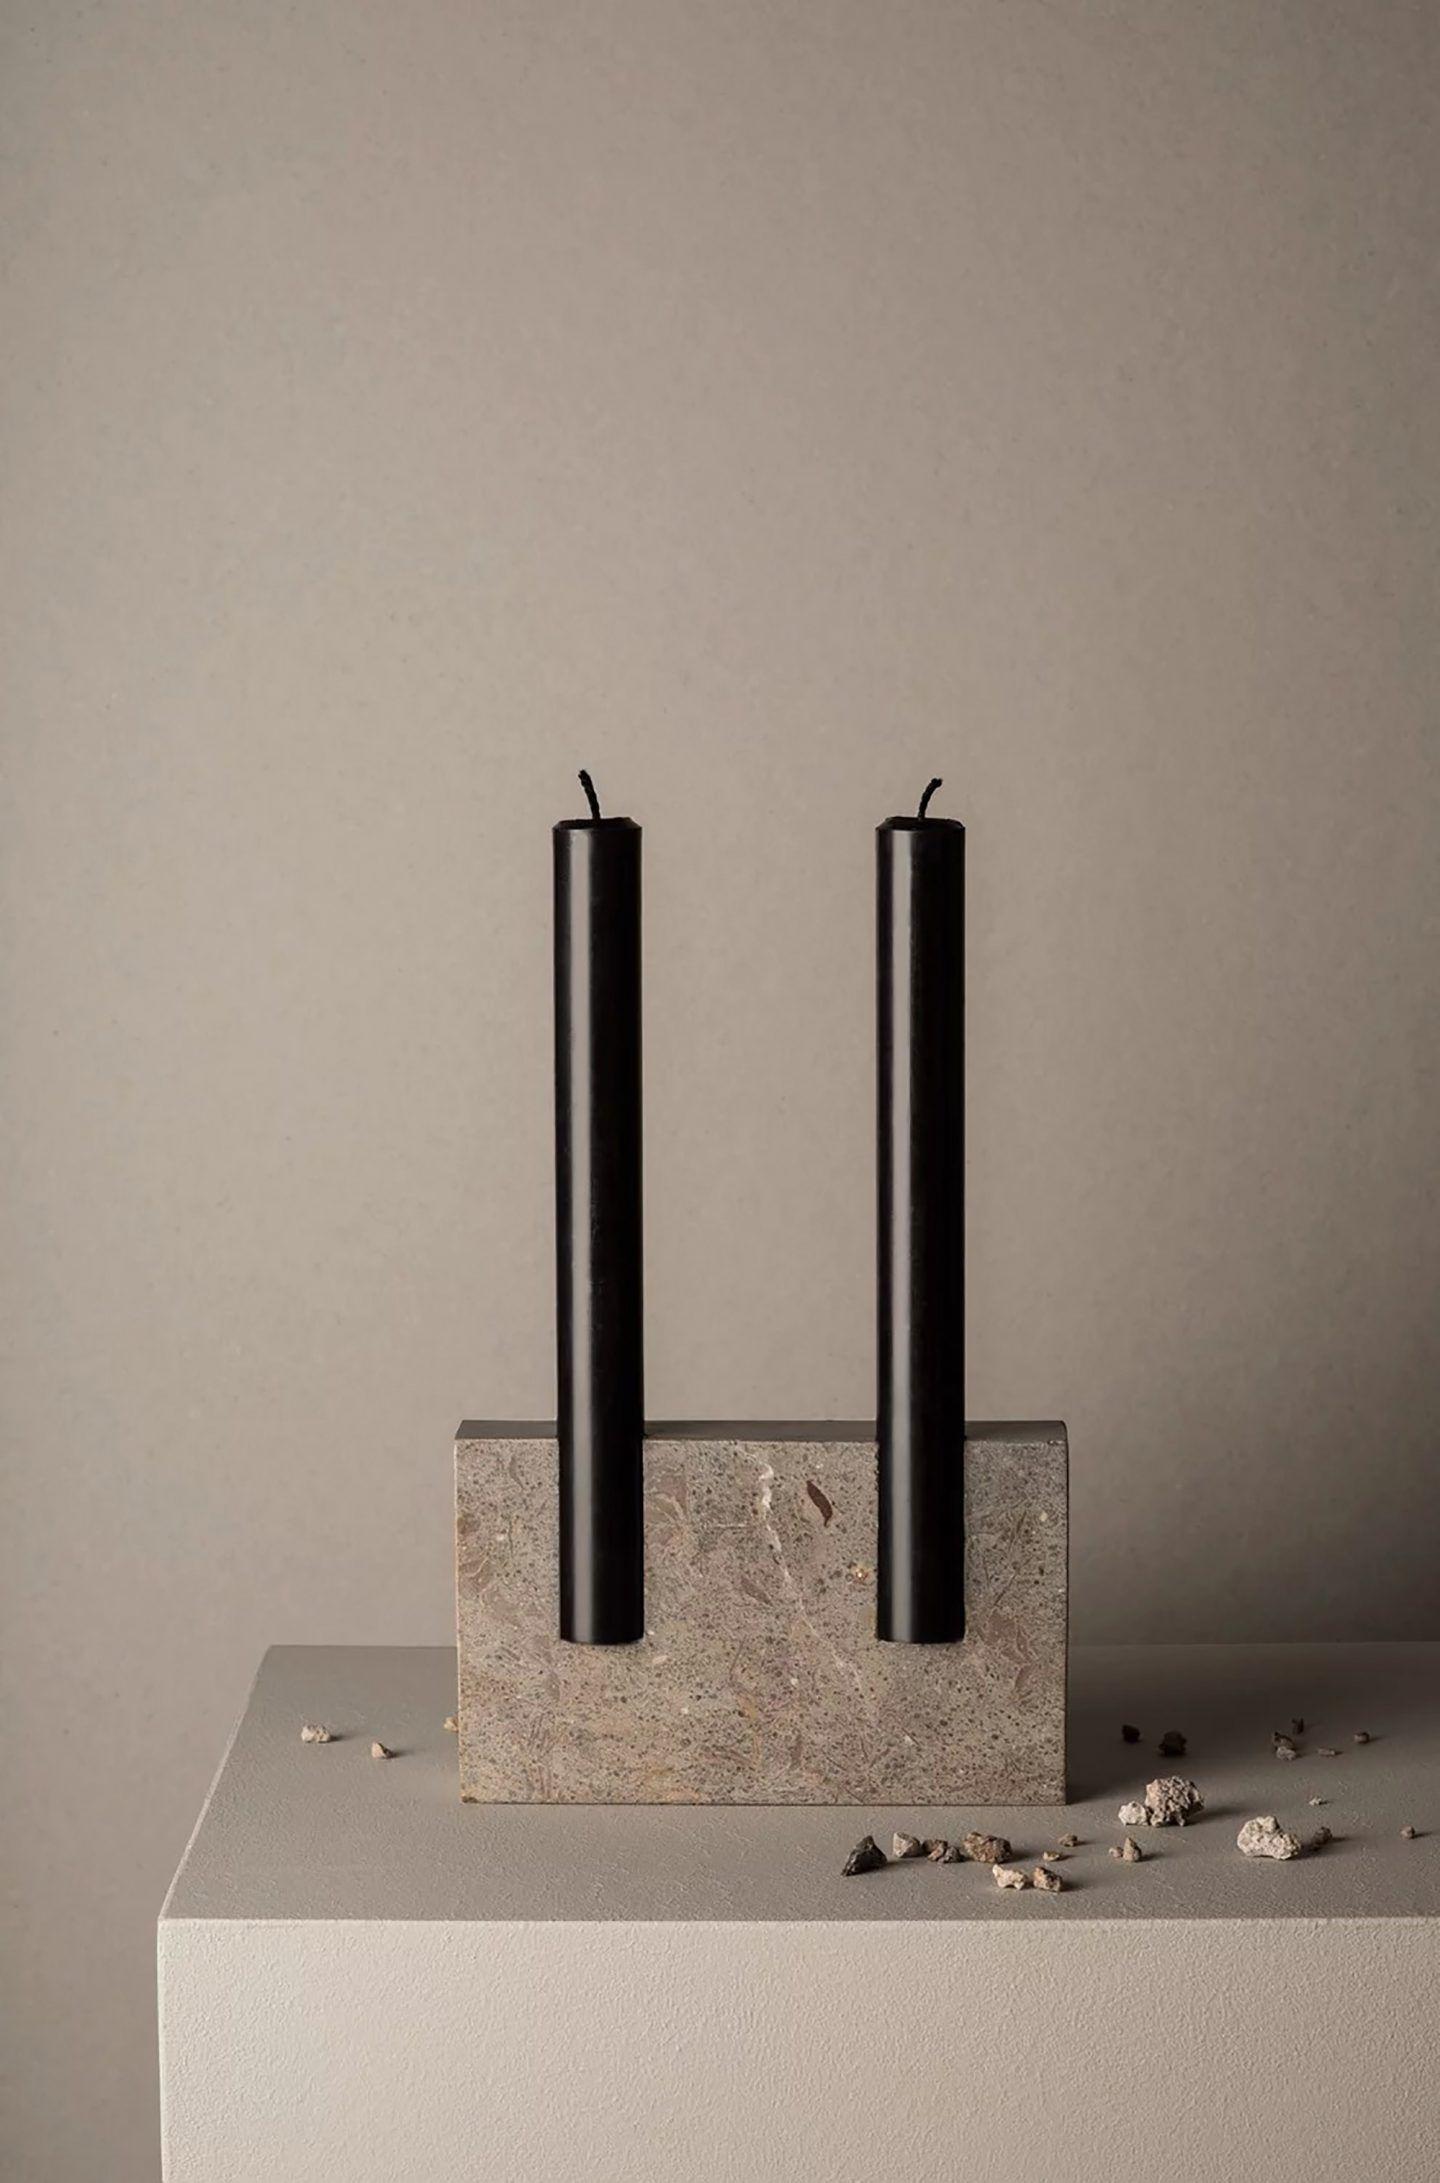 IGNANT-Design-Sanna-Volker-Snug-9